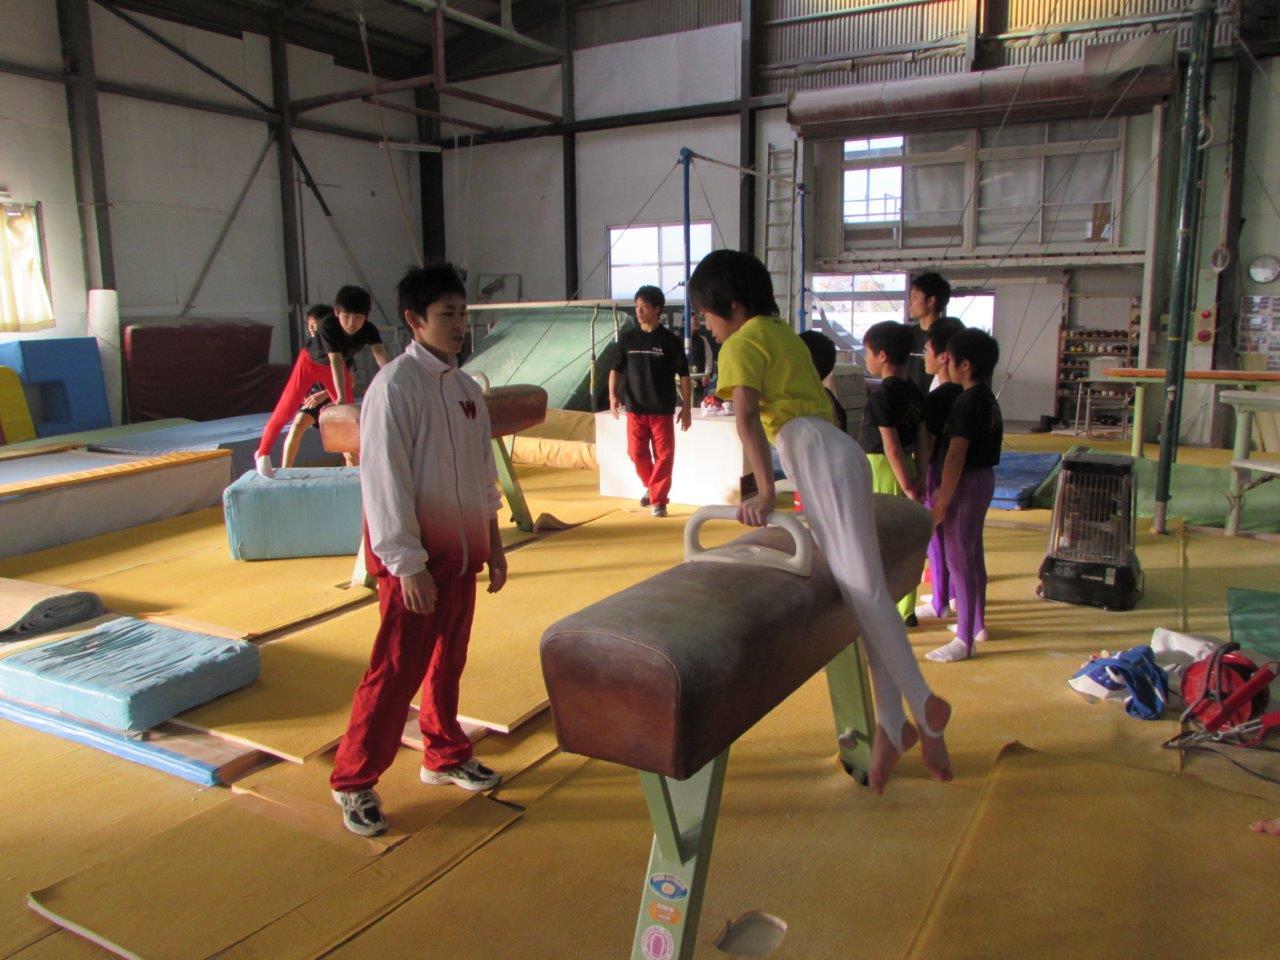 福島県いわき市における体操部員のスポーツ支援の様子。部員の模範演技に参加生徒、保護者から大きな拍手をいただいた。